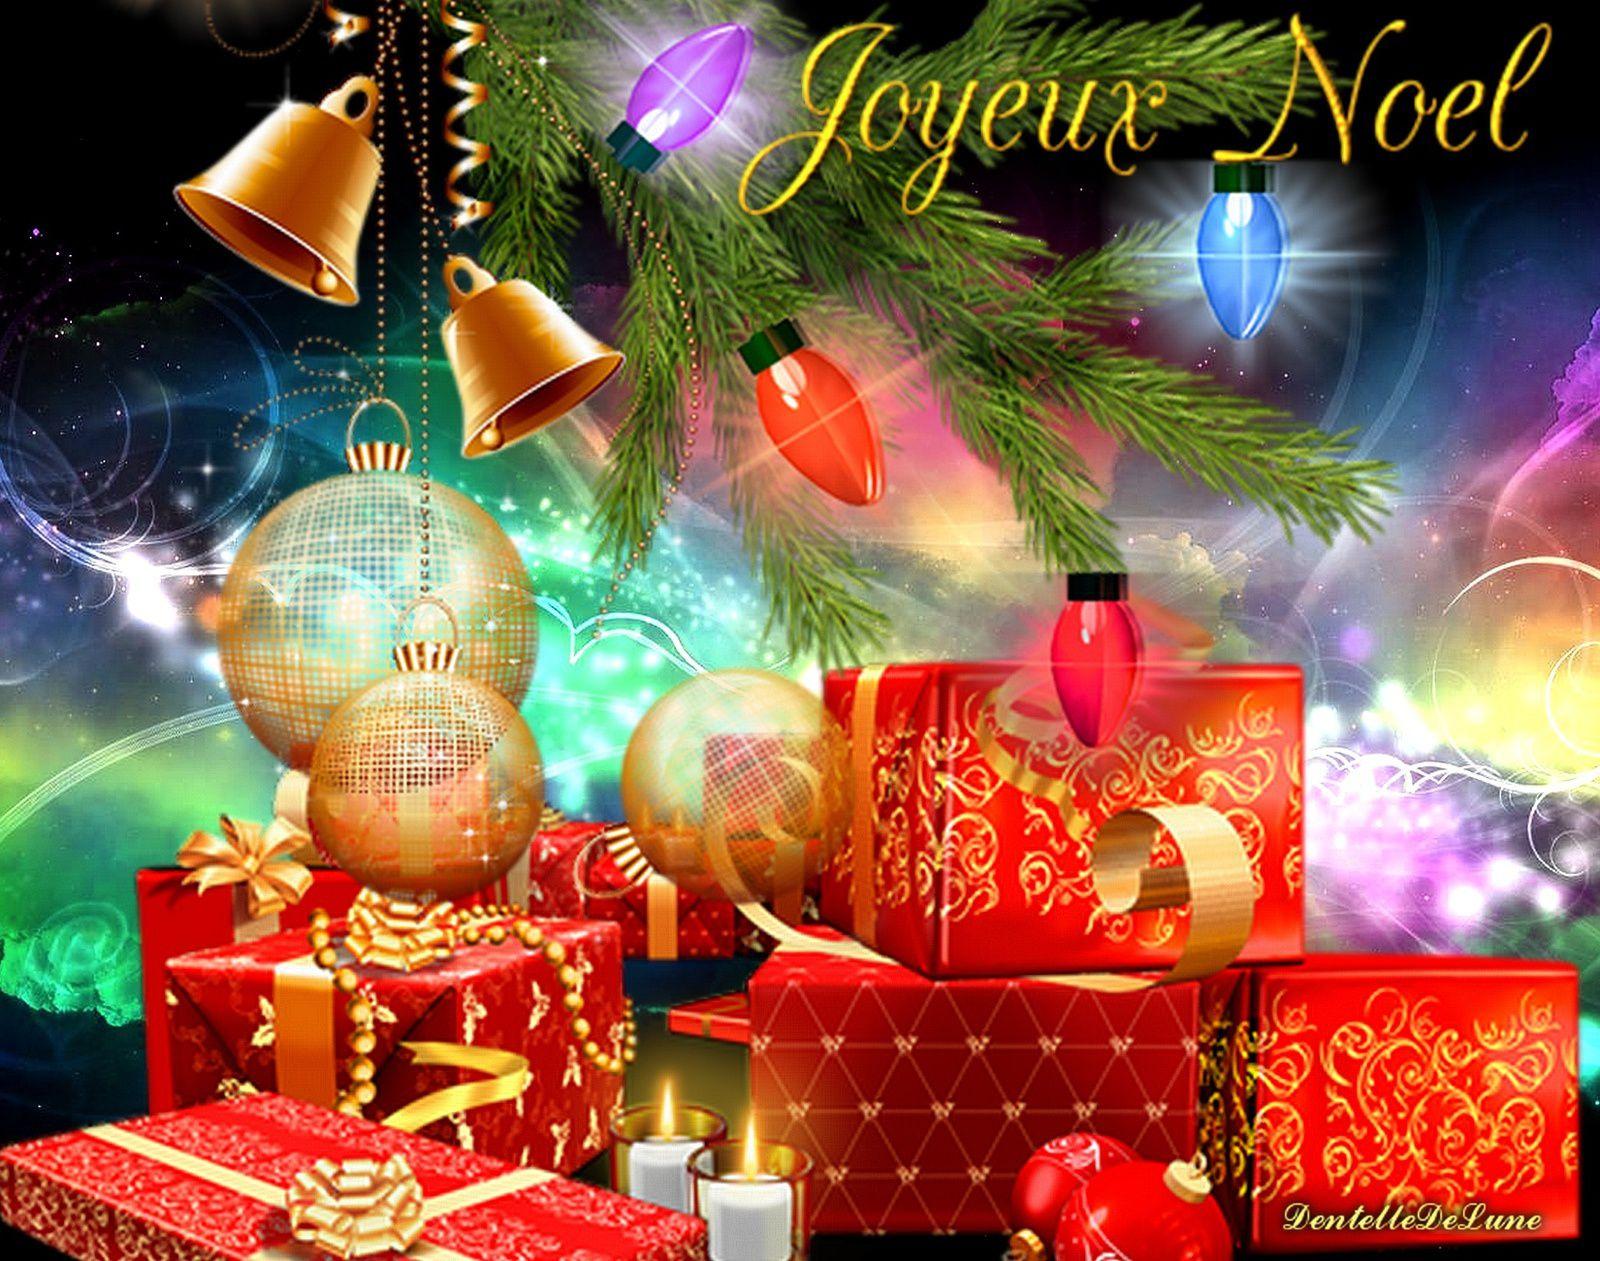 fond-d'écran-joyeux-noël-paquets-cadeaux